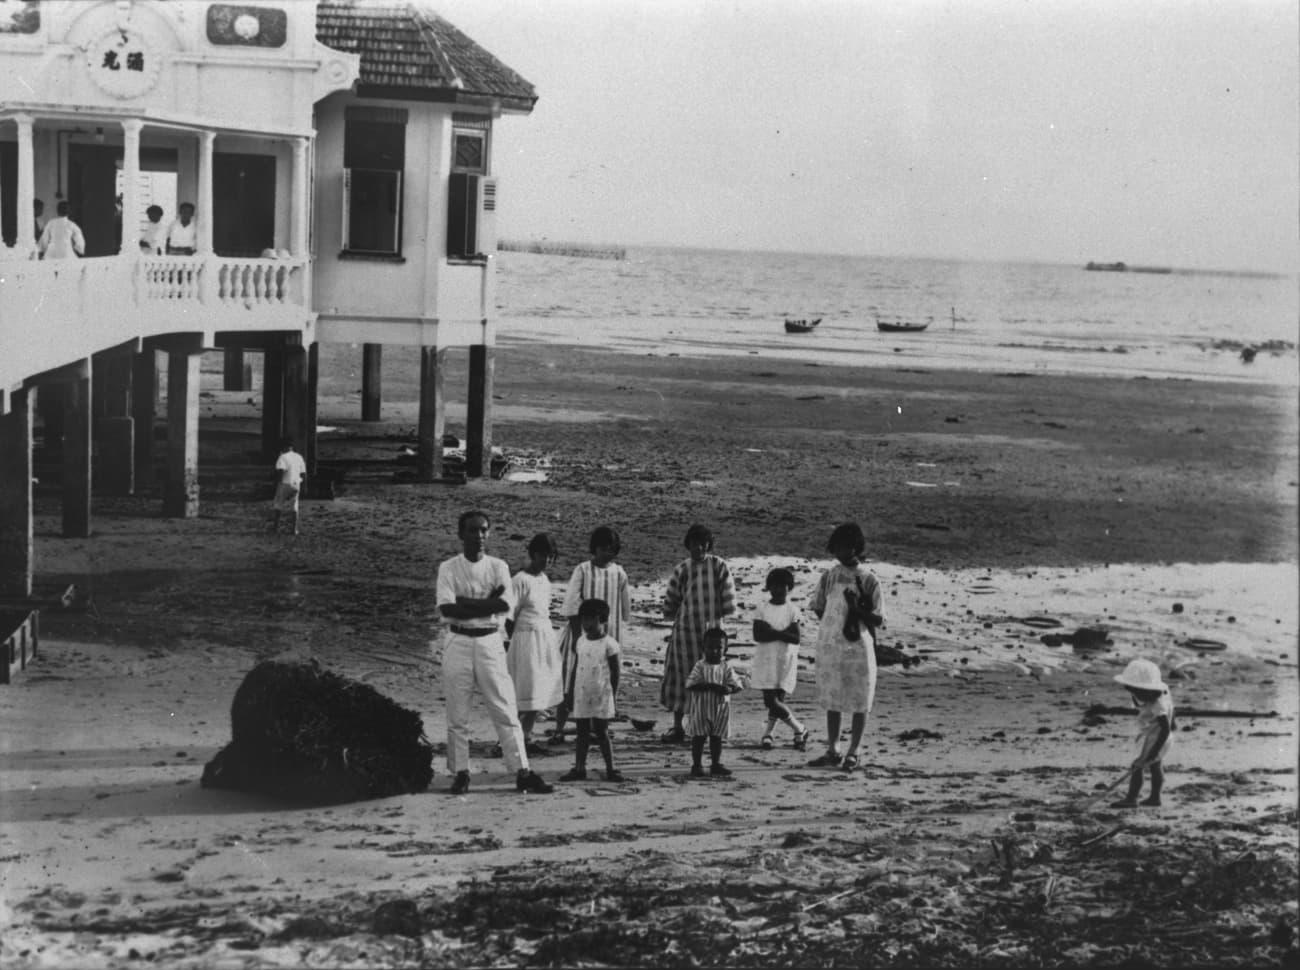 A family at a beach house, 1920s